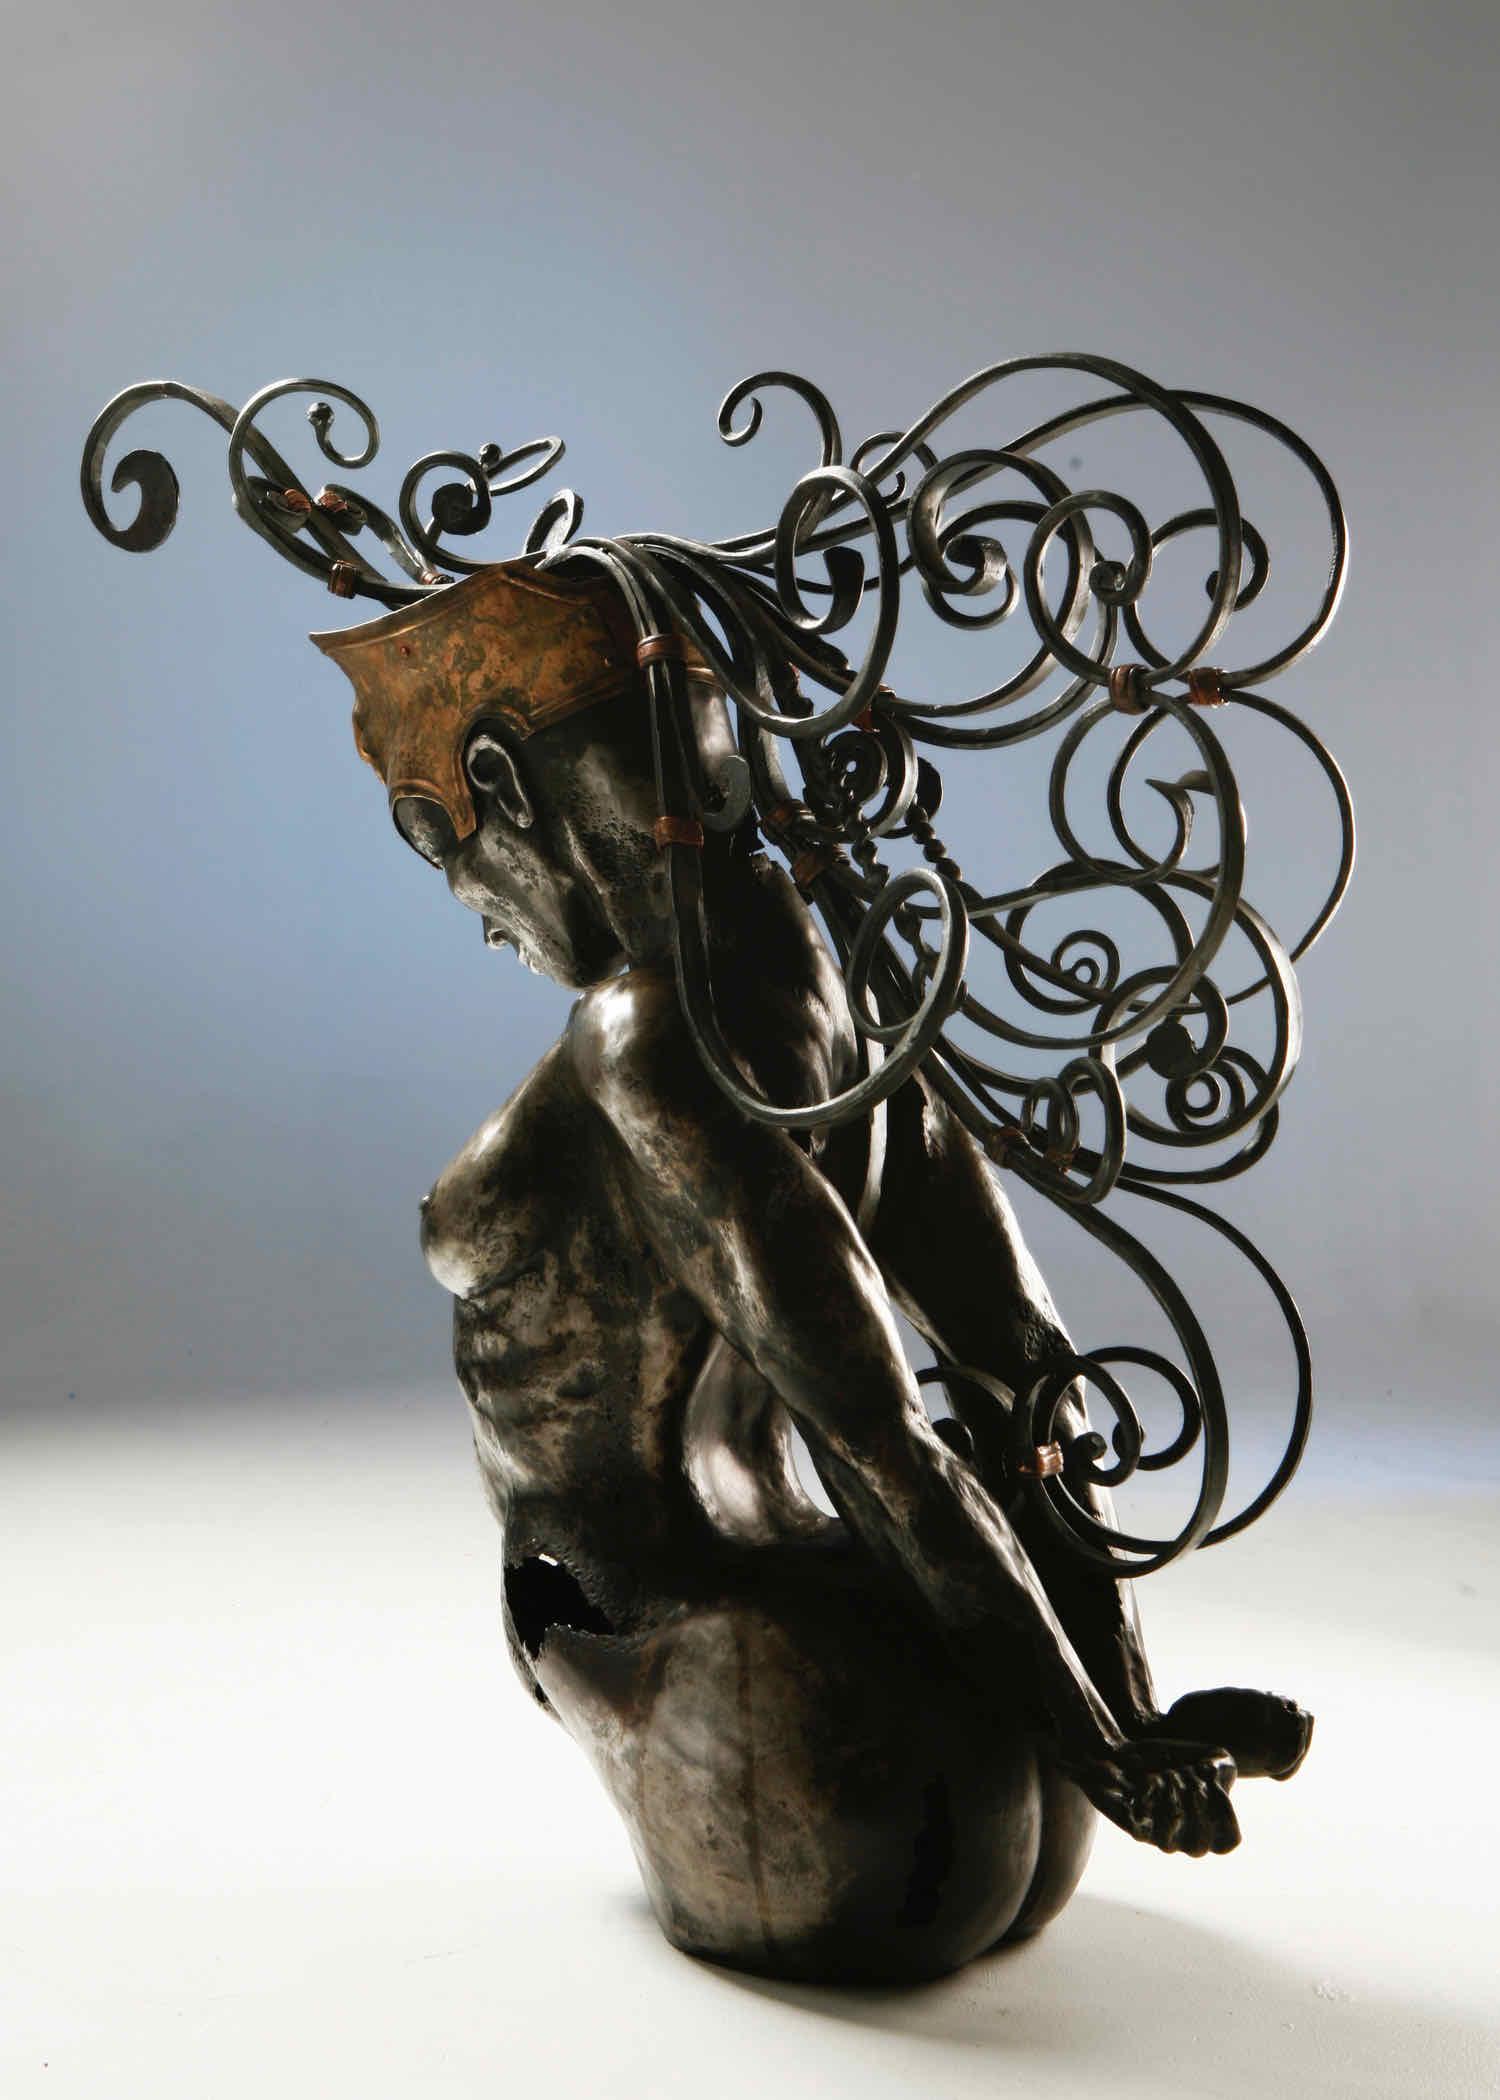 THAK Sculpture